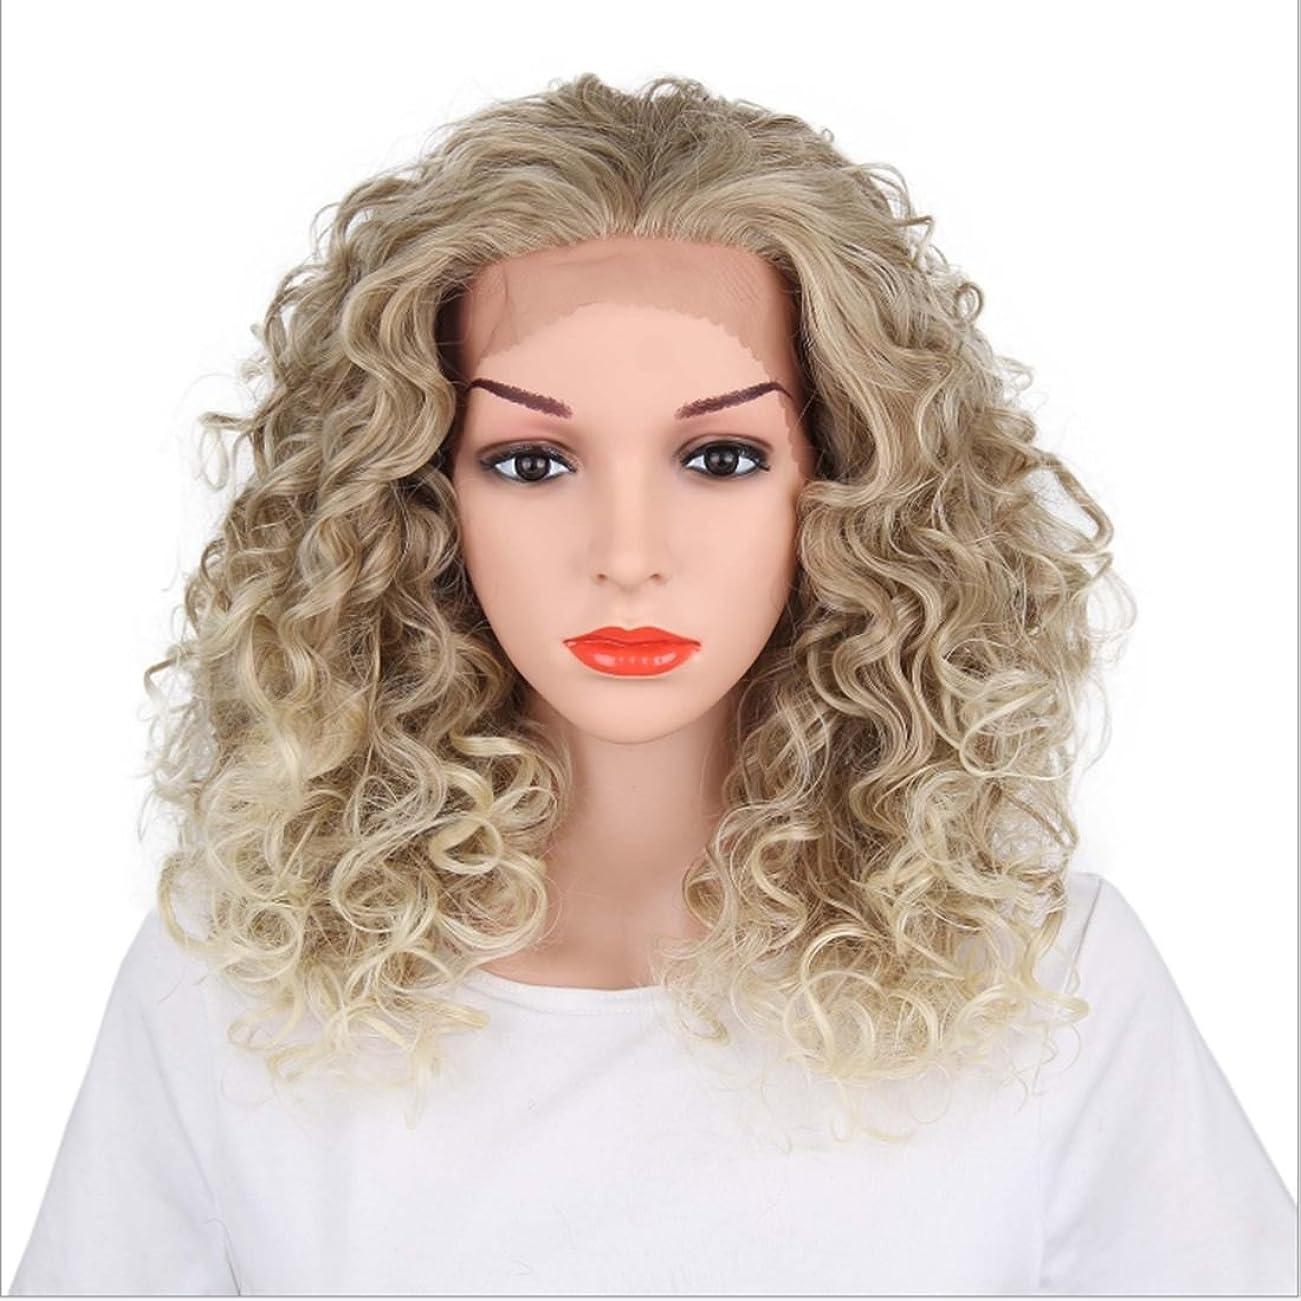 オーストラリア人気まぐれな対処するDoyvanntgo ヨーロッパとアメリカの女性のための長いカーリーの人間の髪のレースのフロントウィッグロングバンズと波状のレースのヘアヘッドナチュラルシルバーホワイト化学繊維のかつらとして350グラム (Color : Silver)